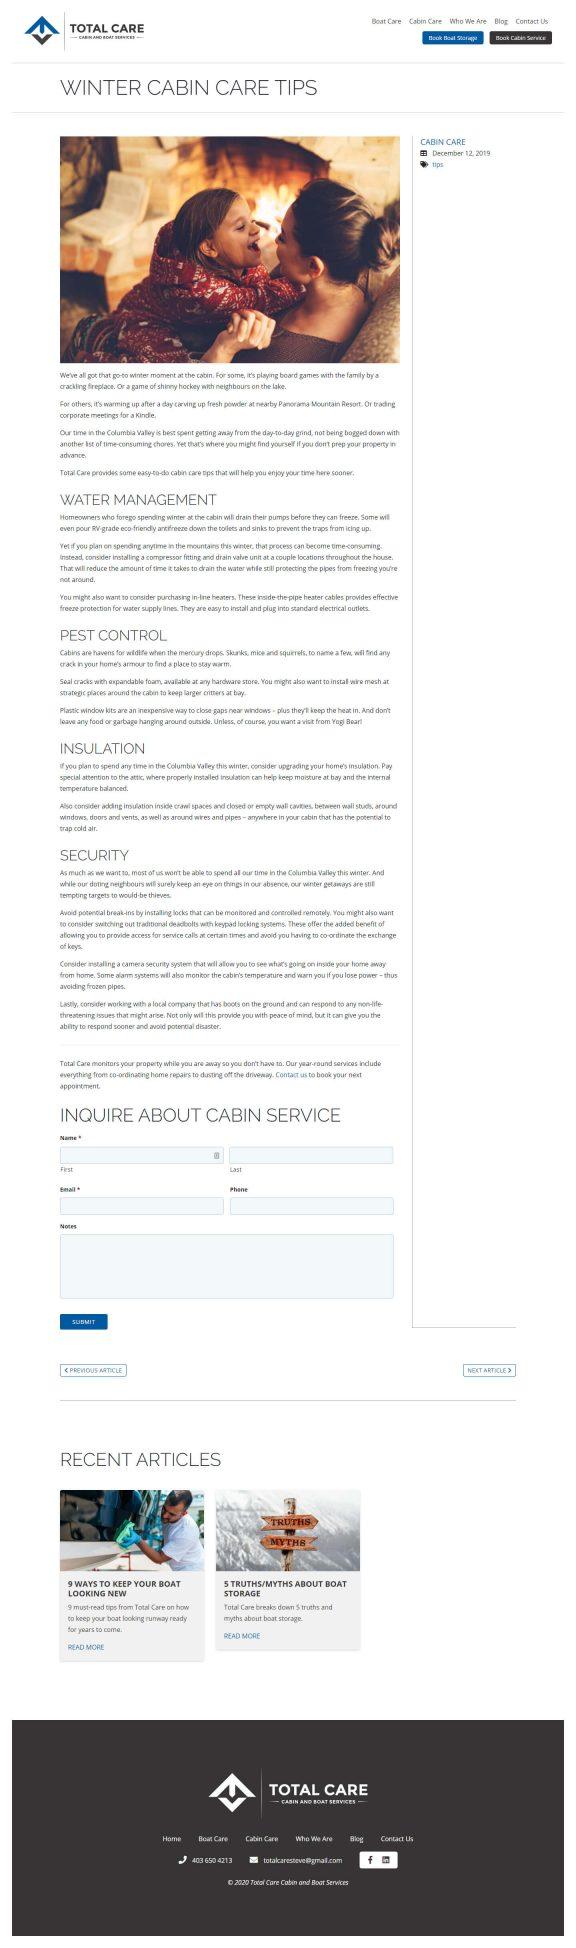 Total Care Ltd website blog article